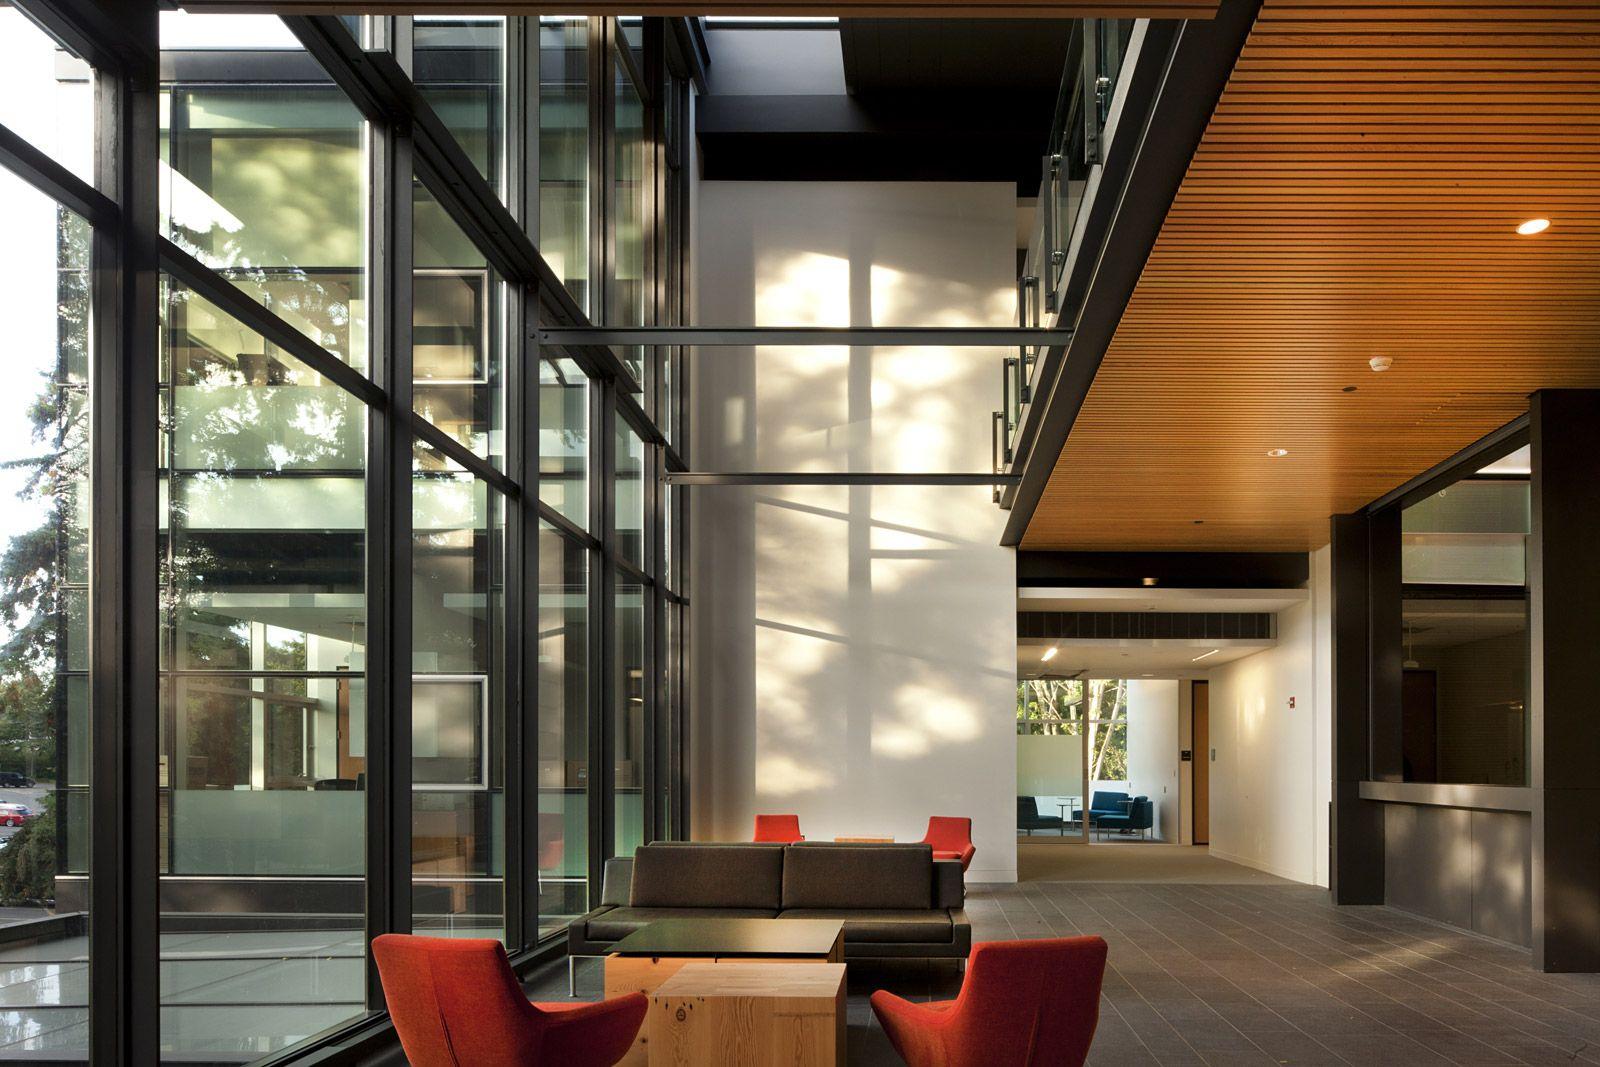 2013 aia institute honor awards interior architecture - Interior design institute online ...